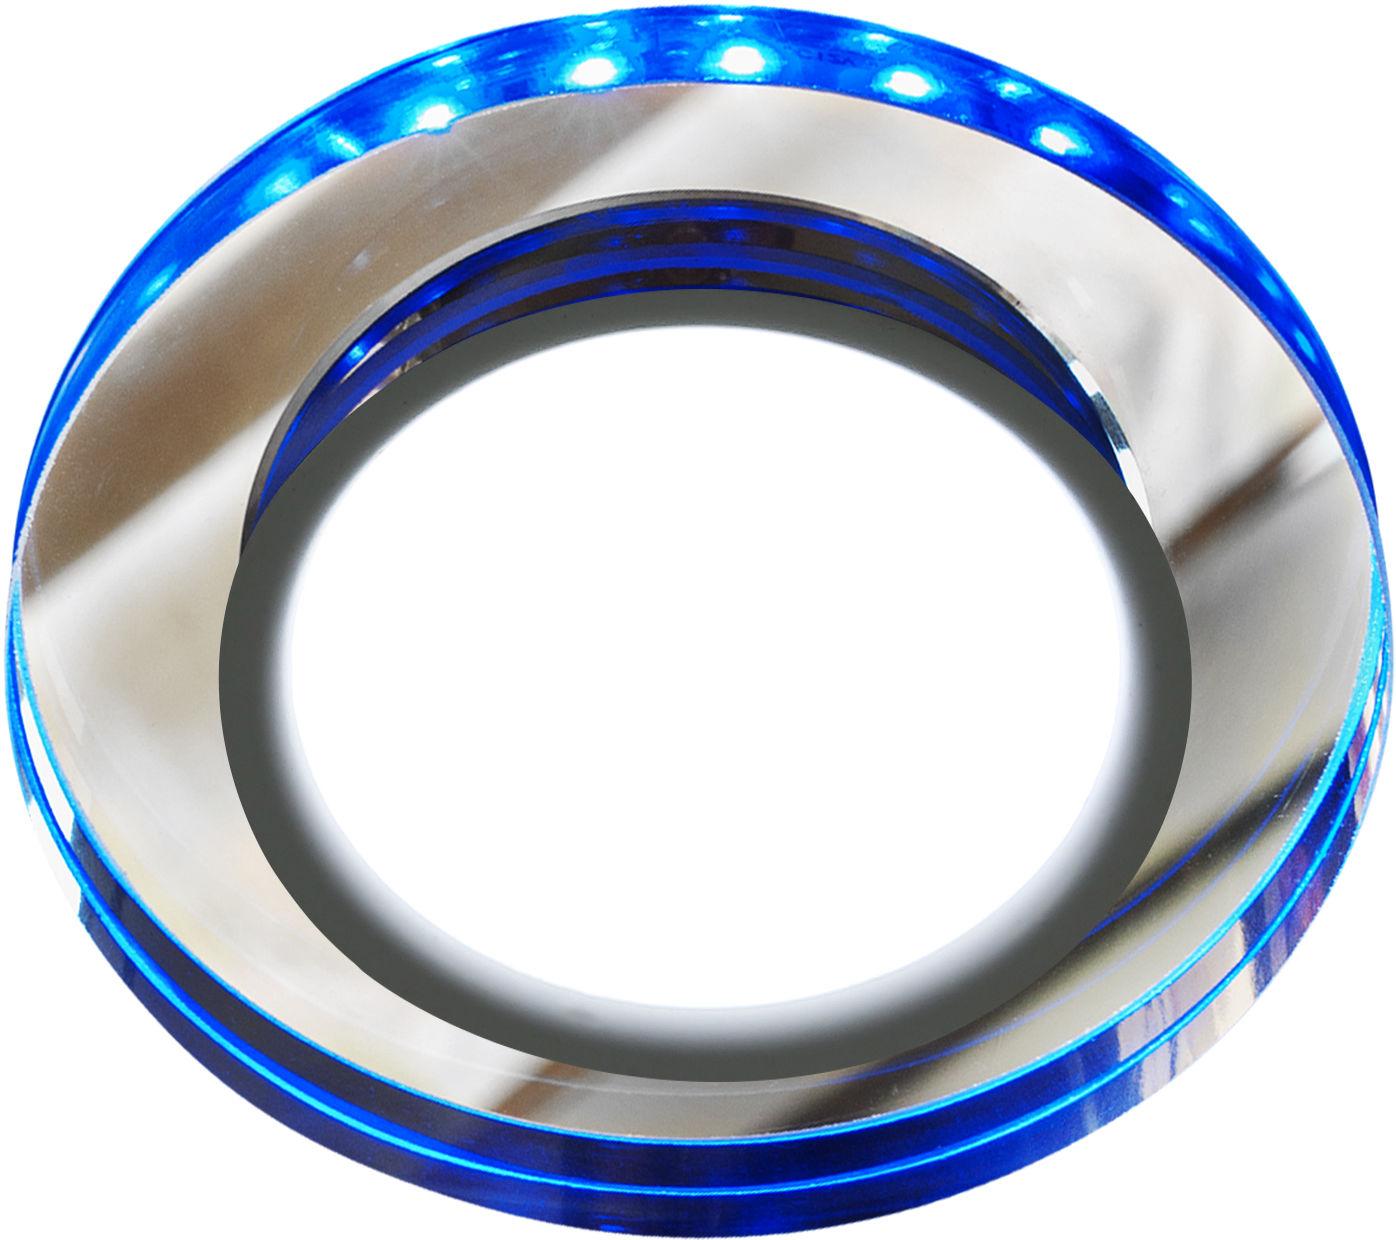 Candellux SSP-23 CH/TR+BL 2263915 oprawa do wbudowania stropowa niebieska 8W LED 230V ring LED oczko sufitowa okrągła szkło transparentne 11cm